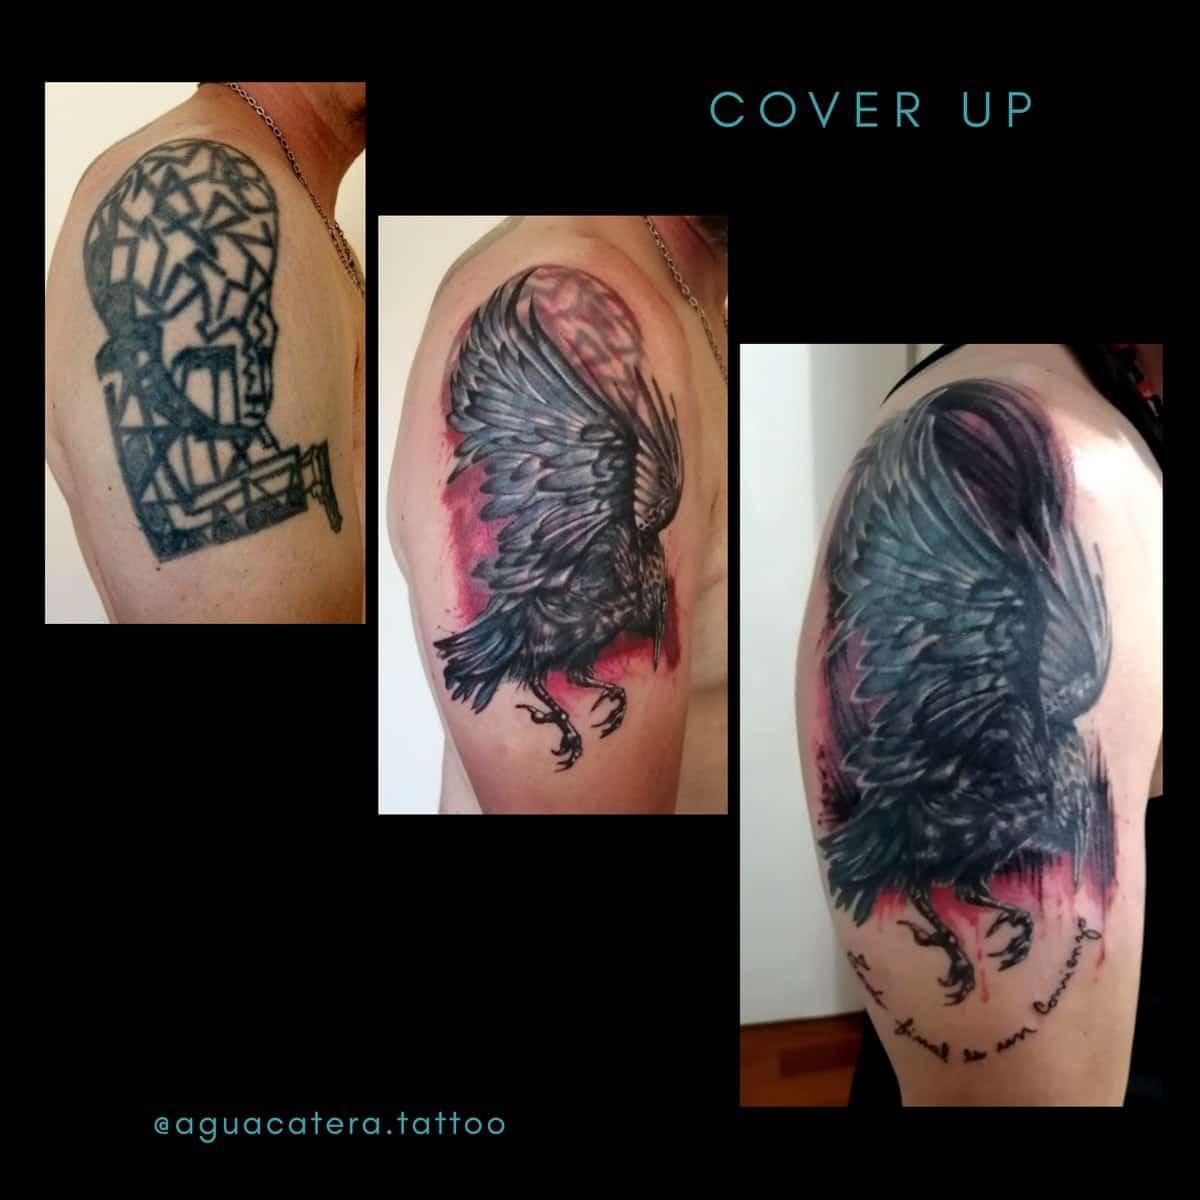 juliana-fuenzalida-tattoo-artist-cover-up-eagle